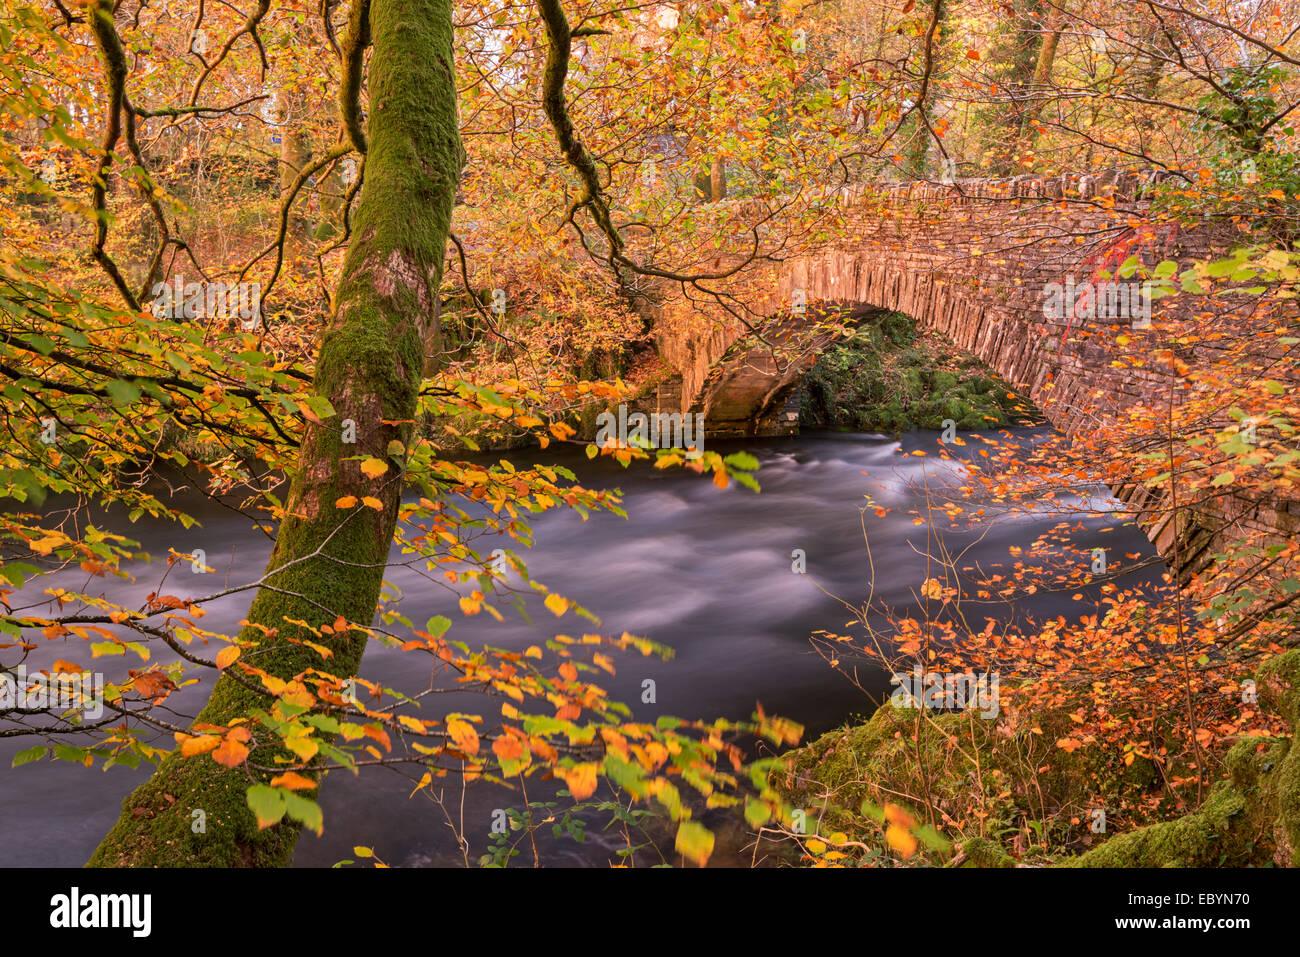 Colorato fogliame autunnale sulle rive del fiume Brathay vicino Ponte Clappersgate, Lake District, Cumbria, Inghilterra. Immagini Stock